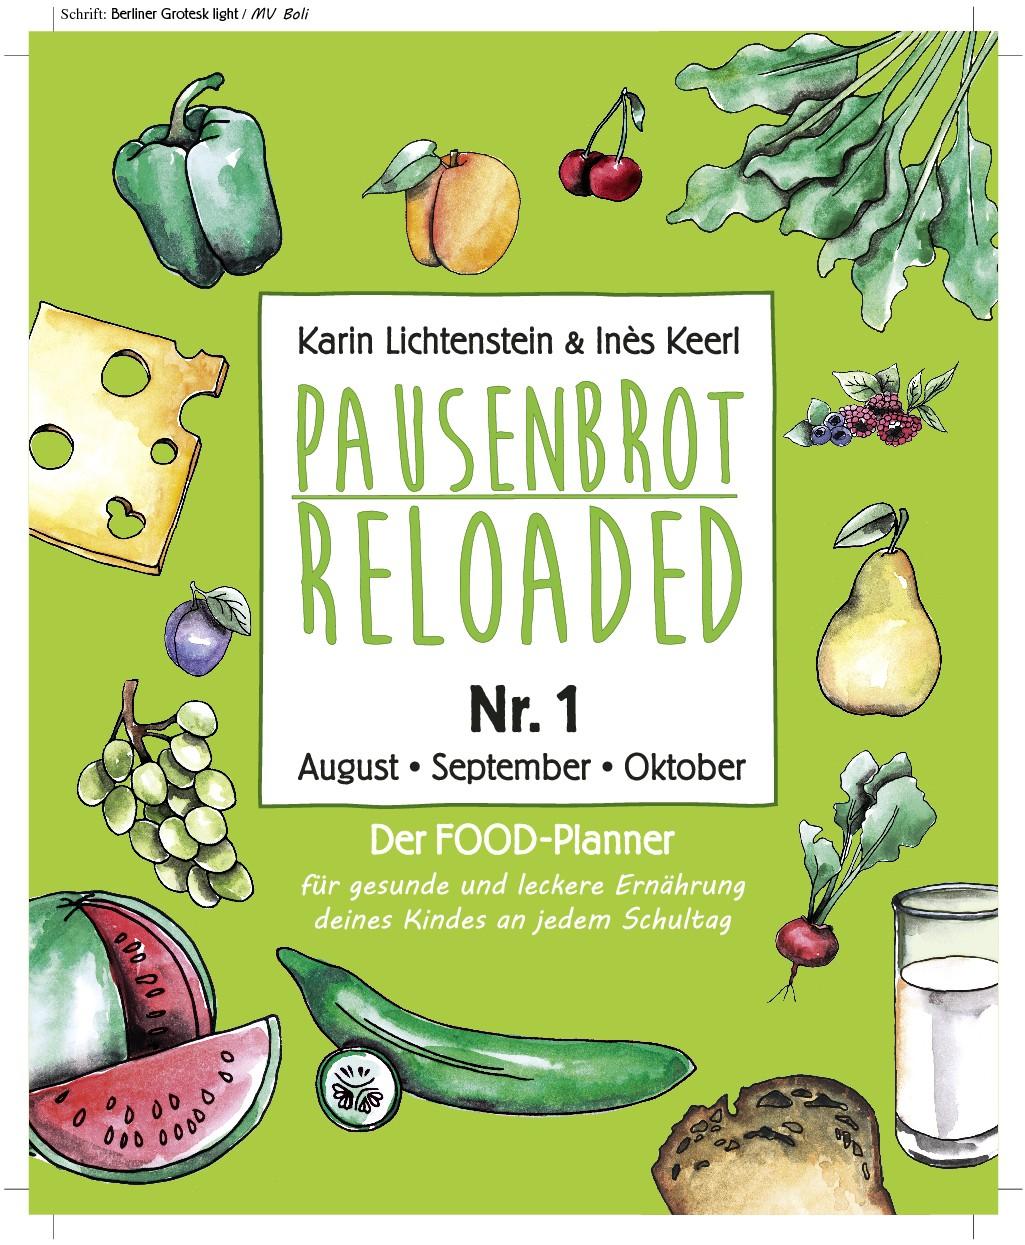 Pausenbrot Reloaded - Der FOOD-Planner   - braucht das 1. von 4. Buchcovern